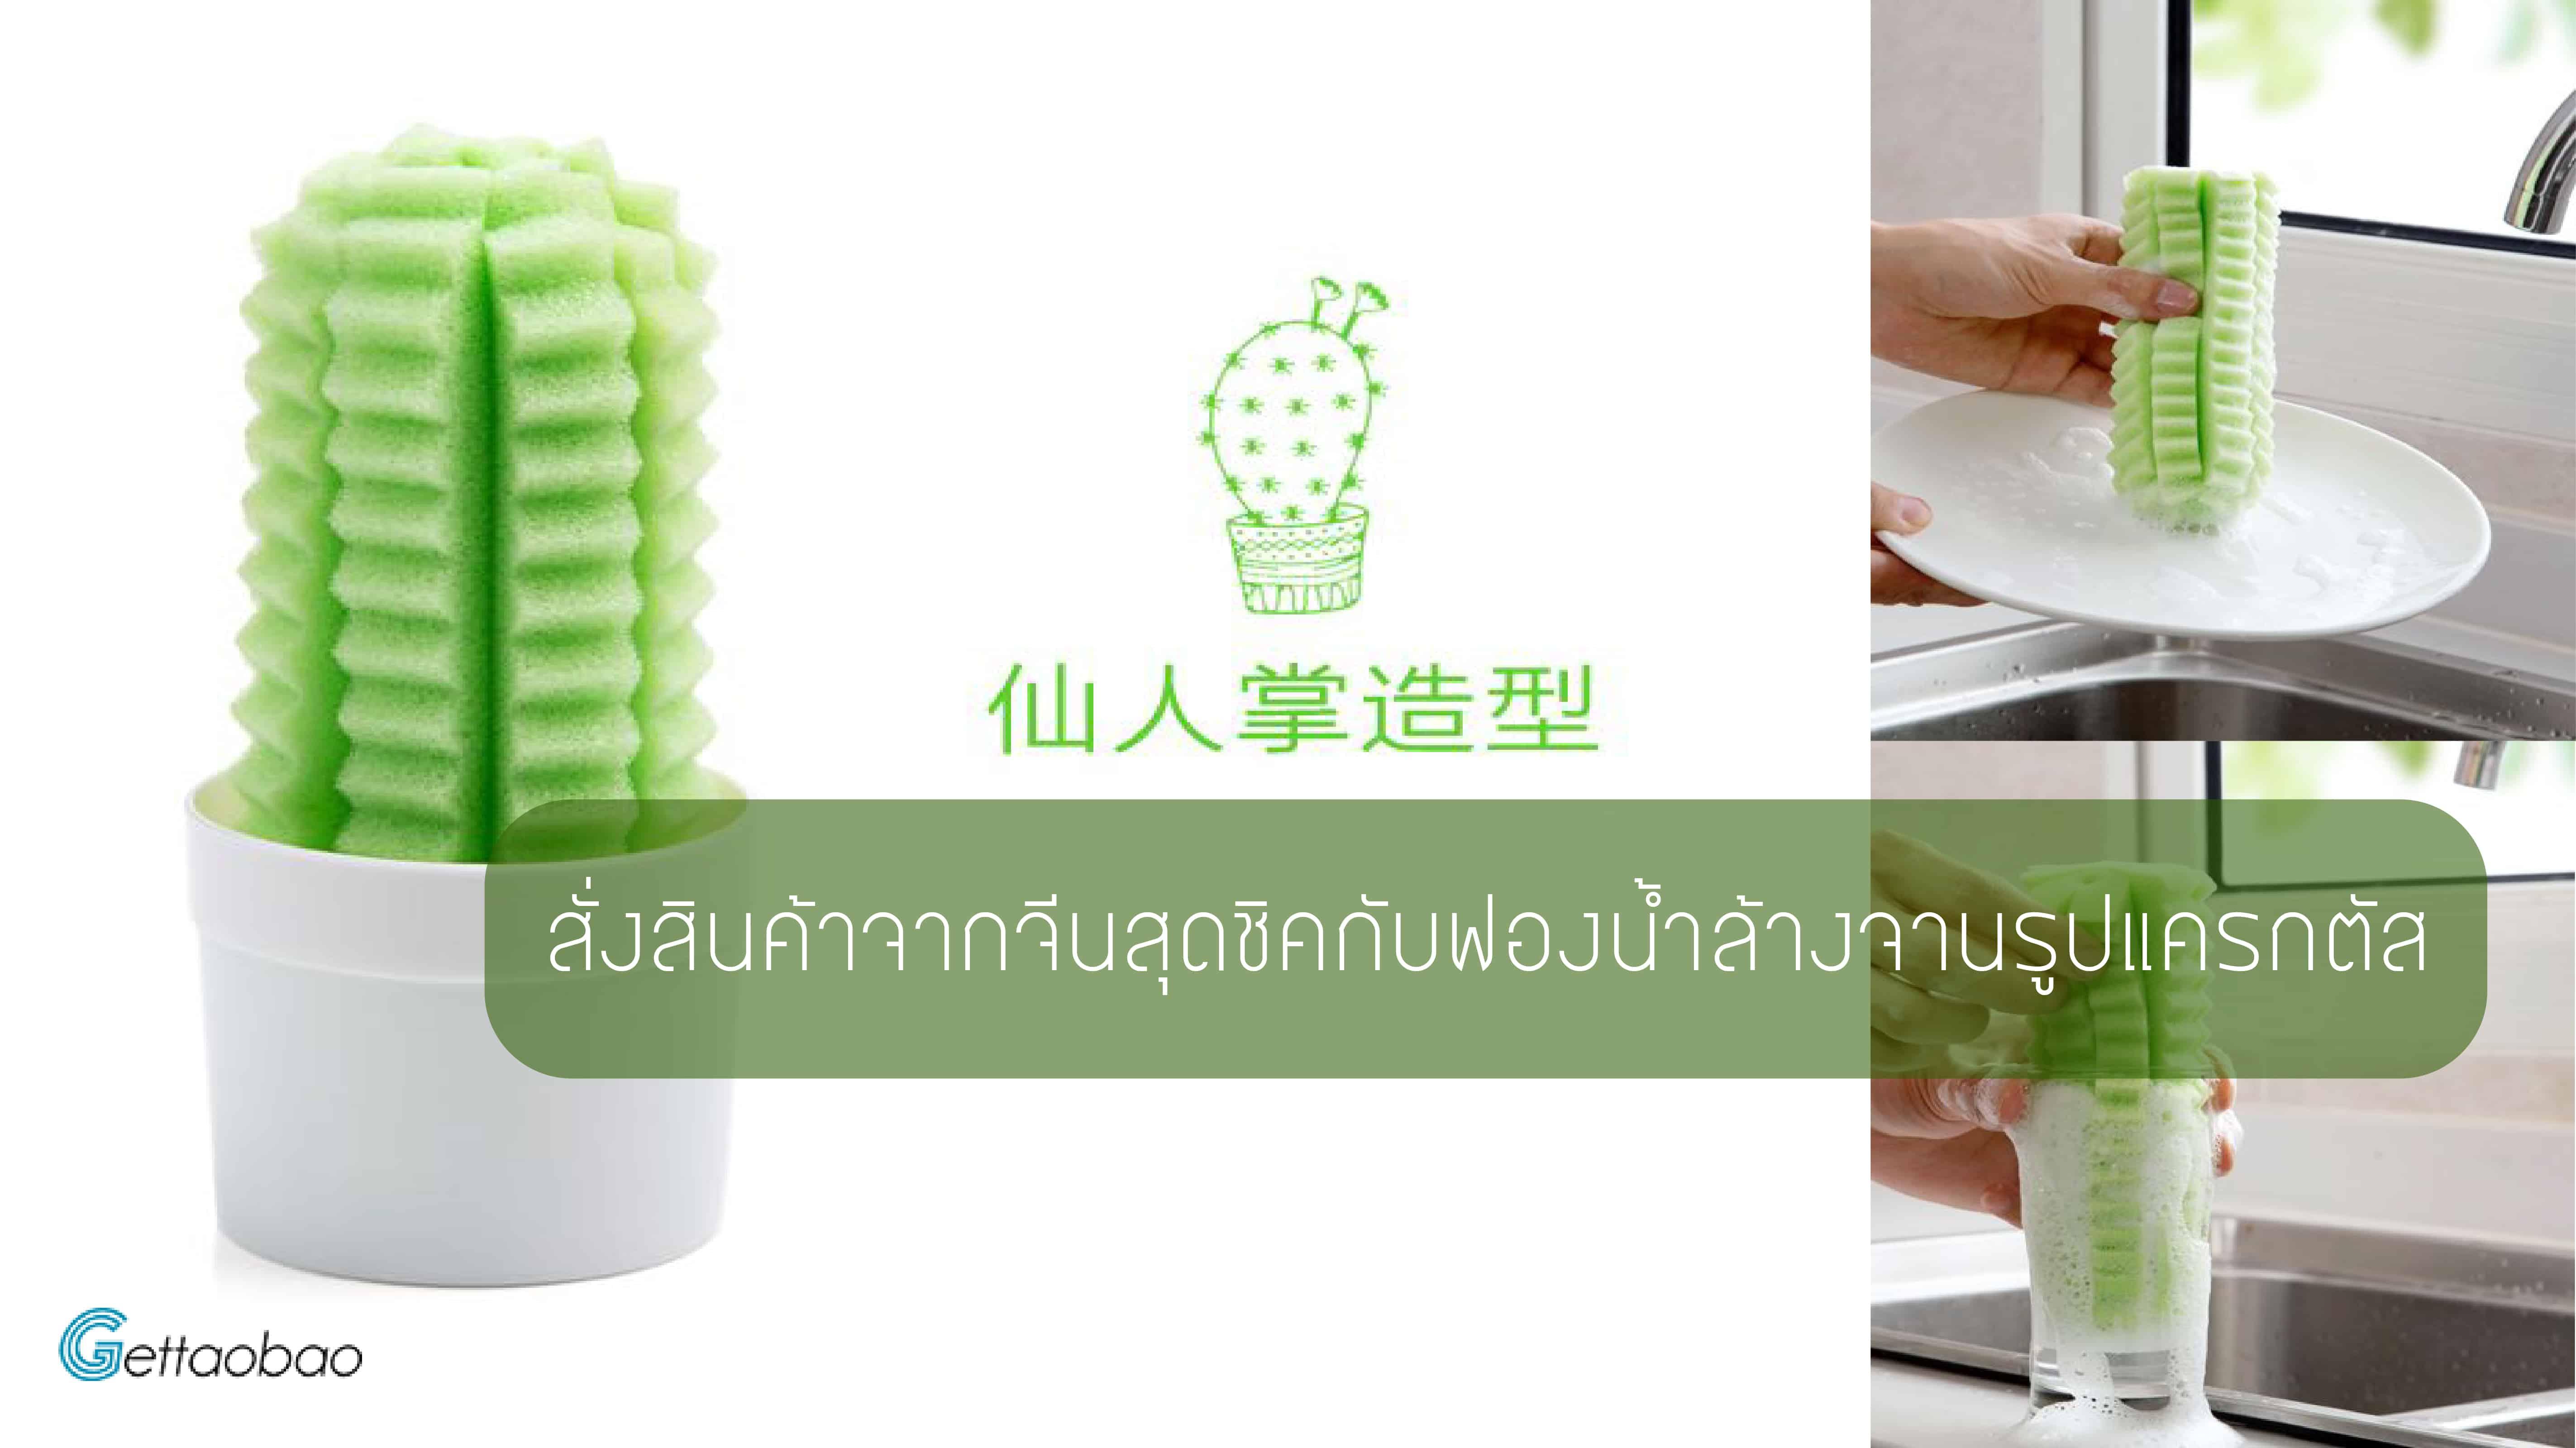 สั่งสินค้าจากจีนสุดชิคกับฟองน้ำล้างจานรูปแครกตัส